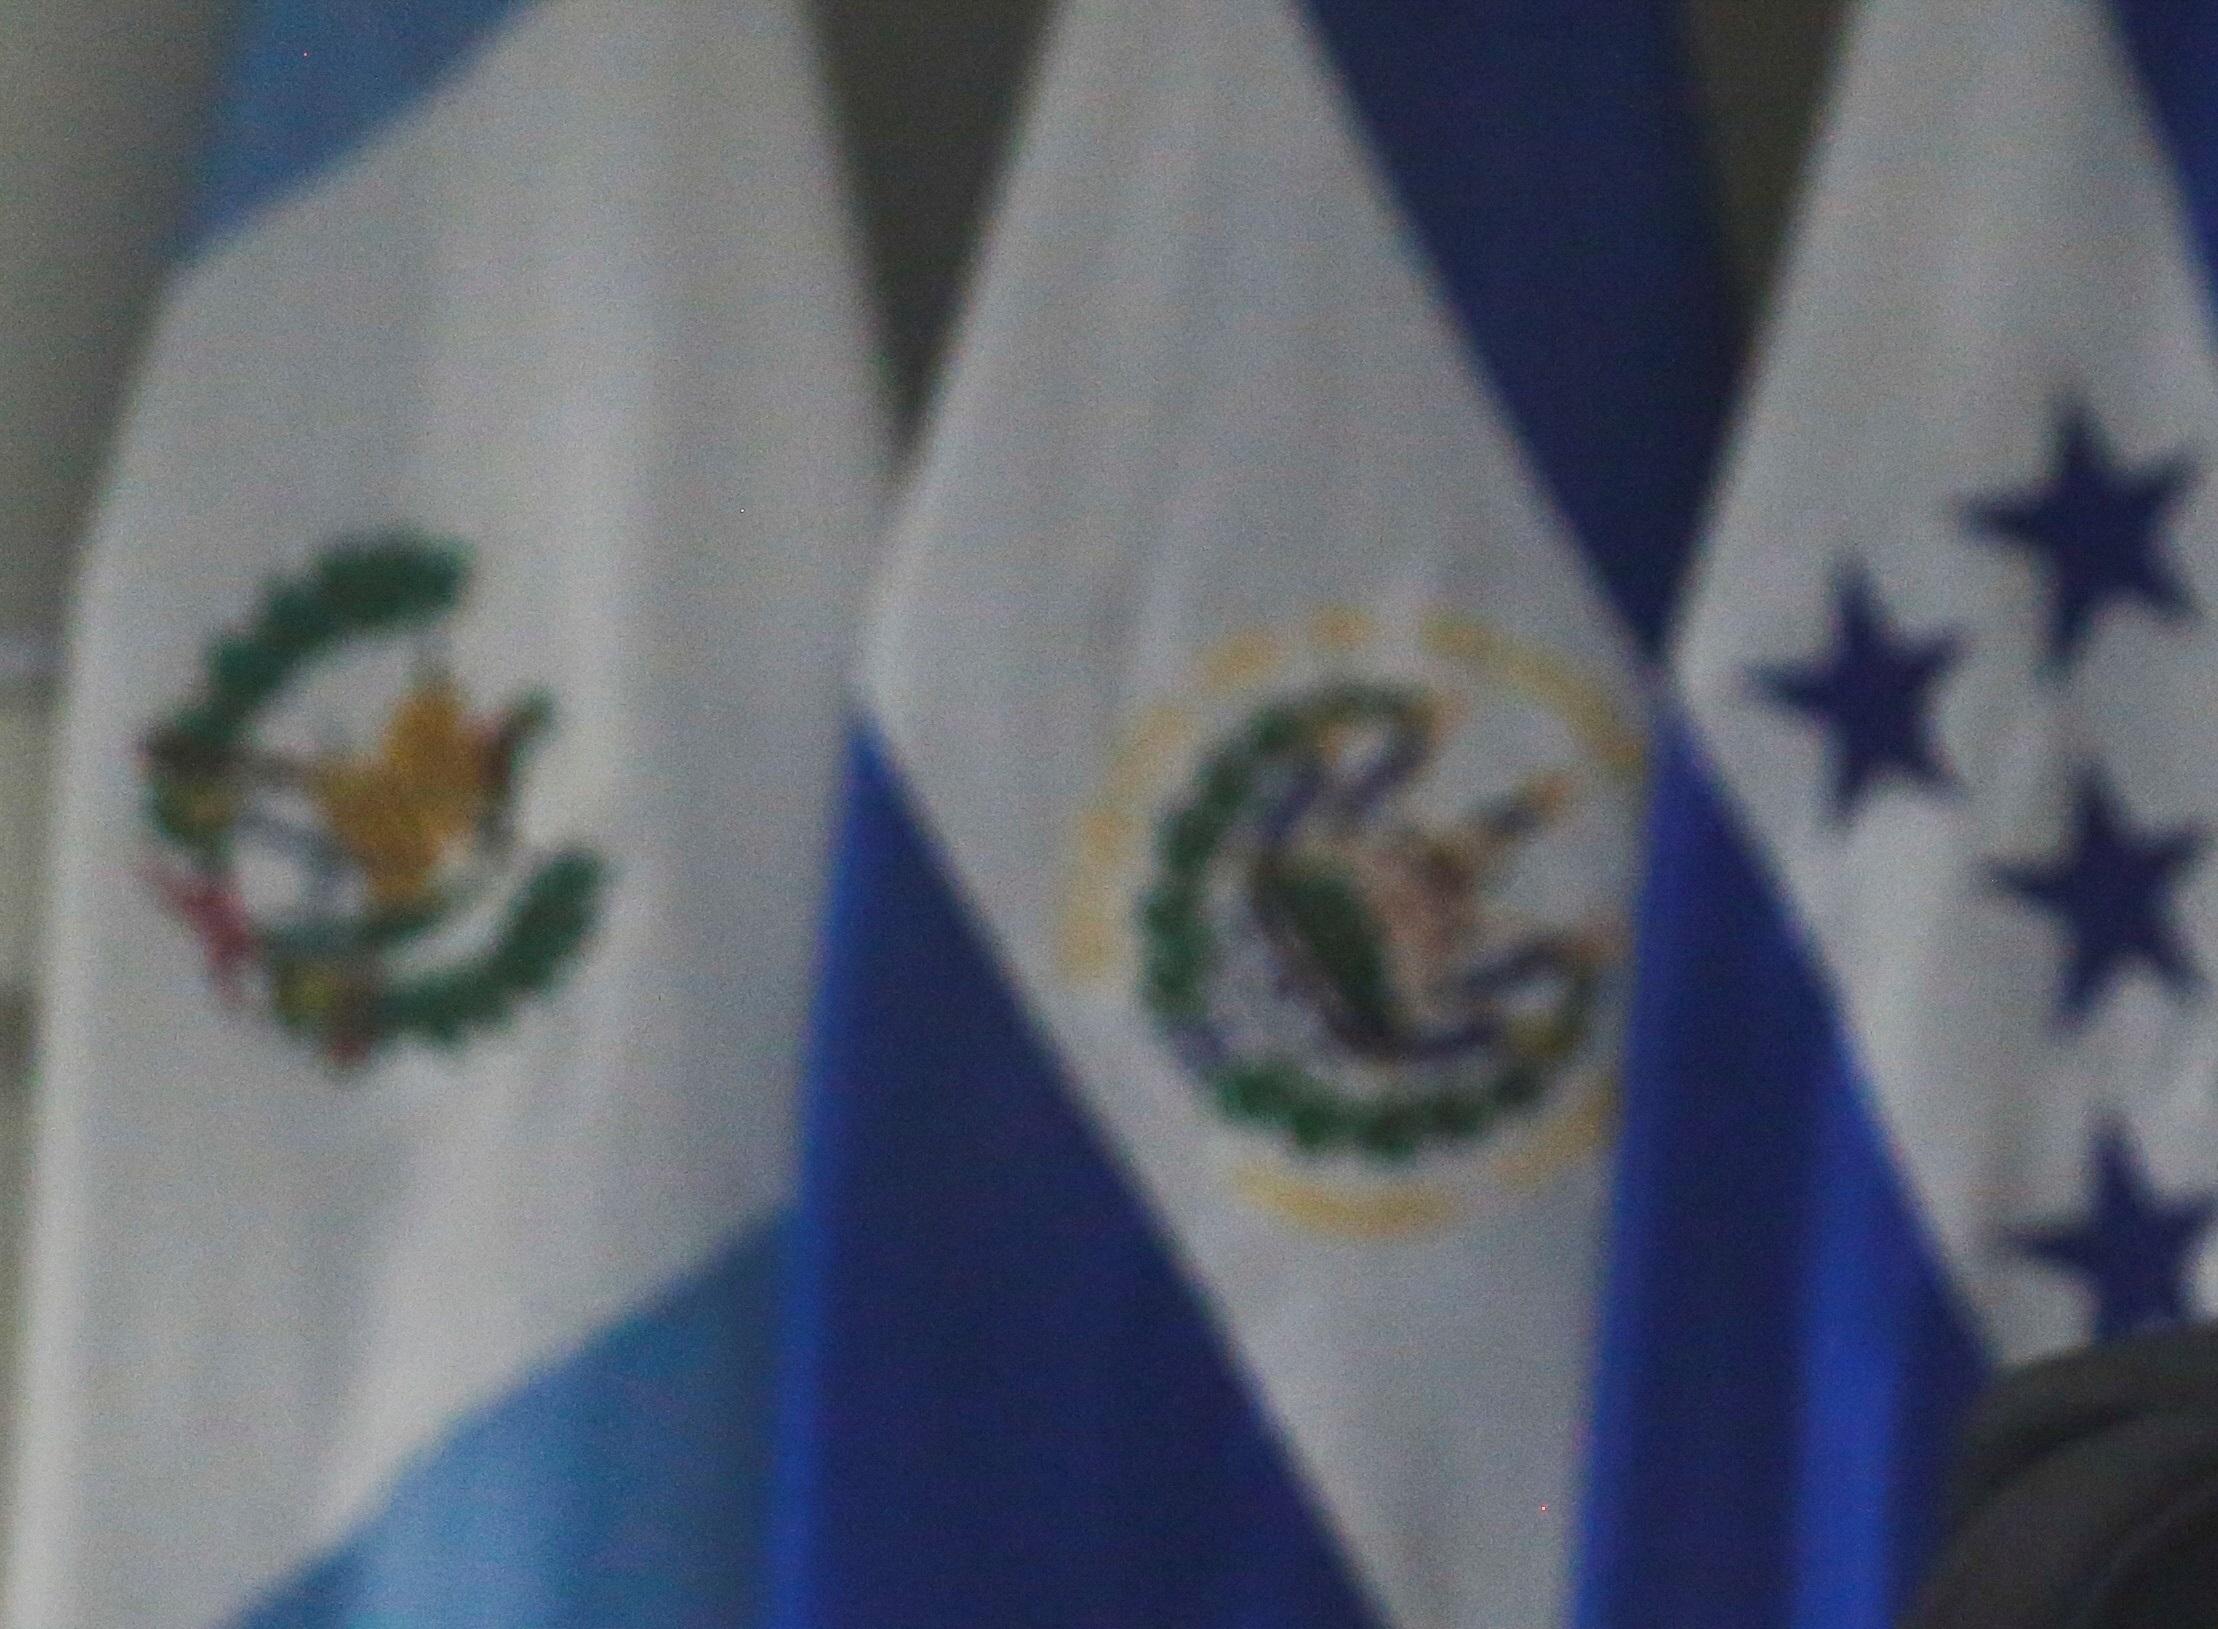 Η Νικαράγουα έδωσε υπηκοότητα σε πρώην πρόεδρο του Ελ Σαλβαδόρ